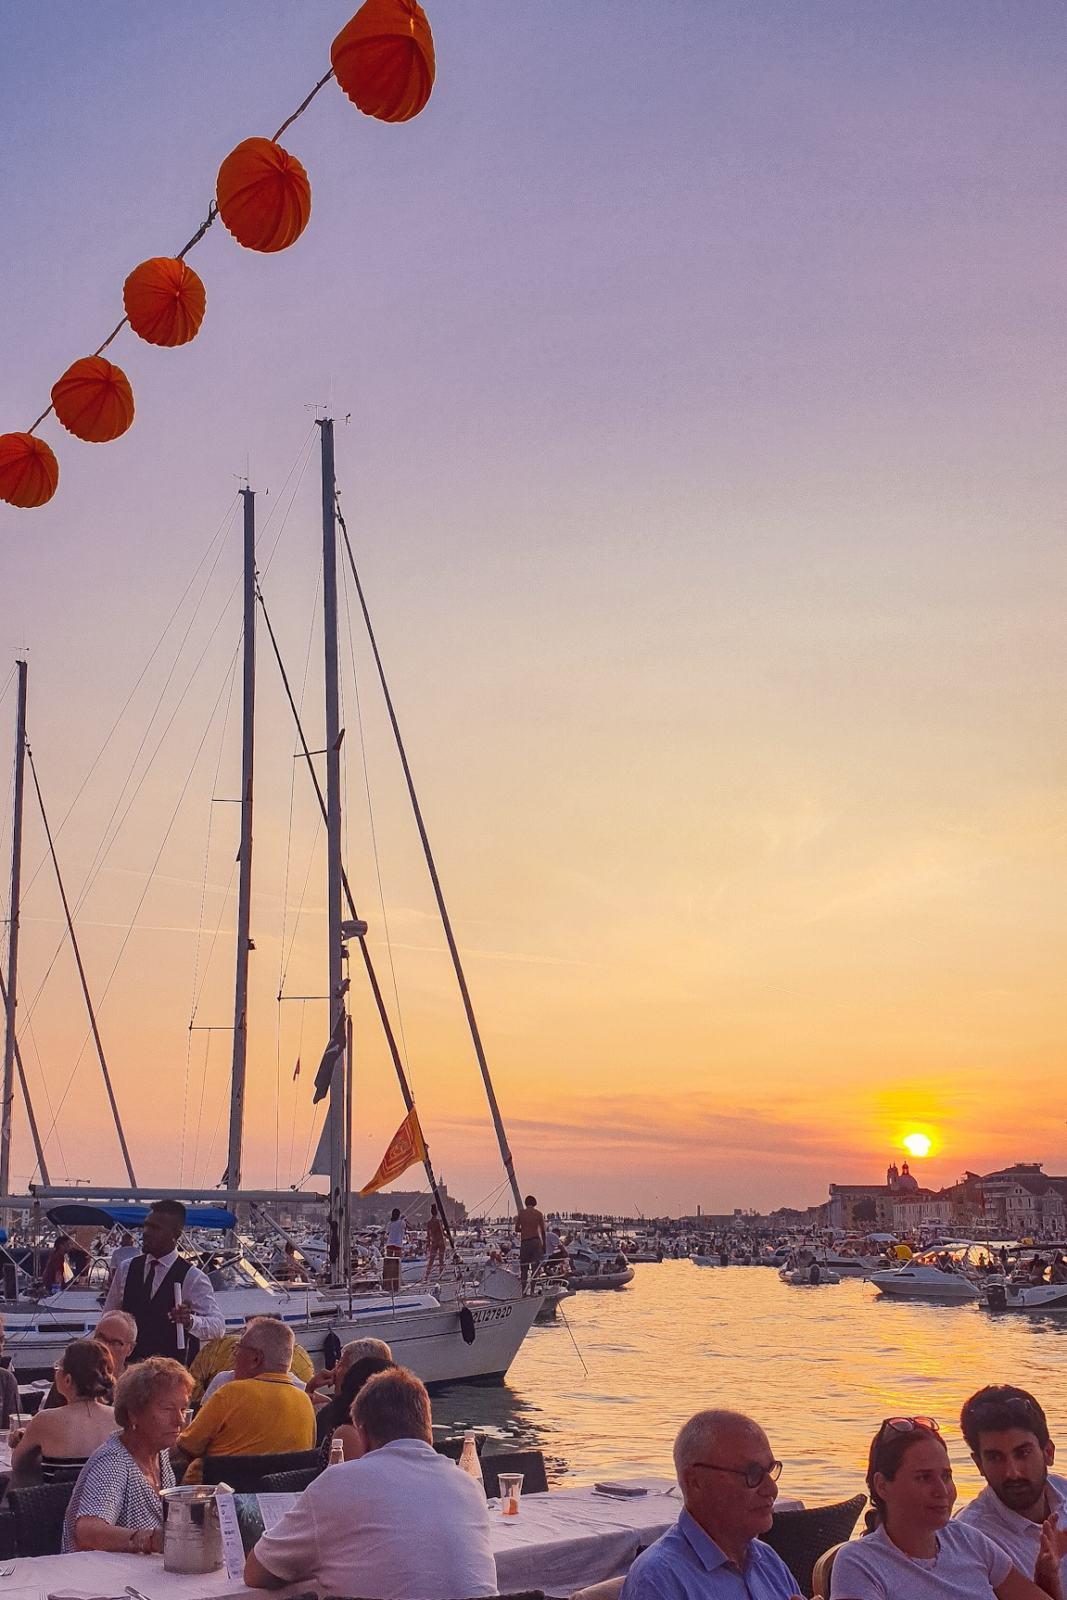 Barche a vela lungo il Canale della Giudecca